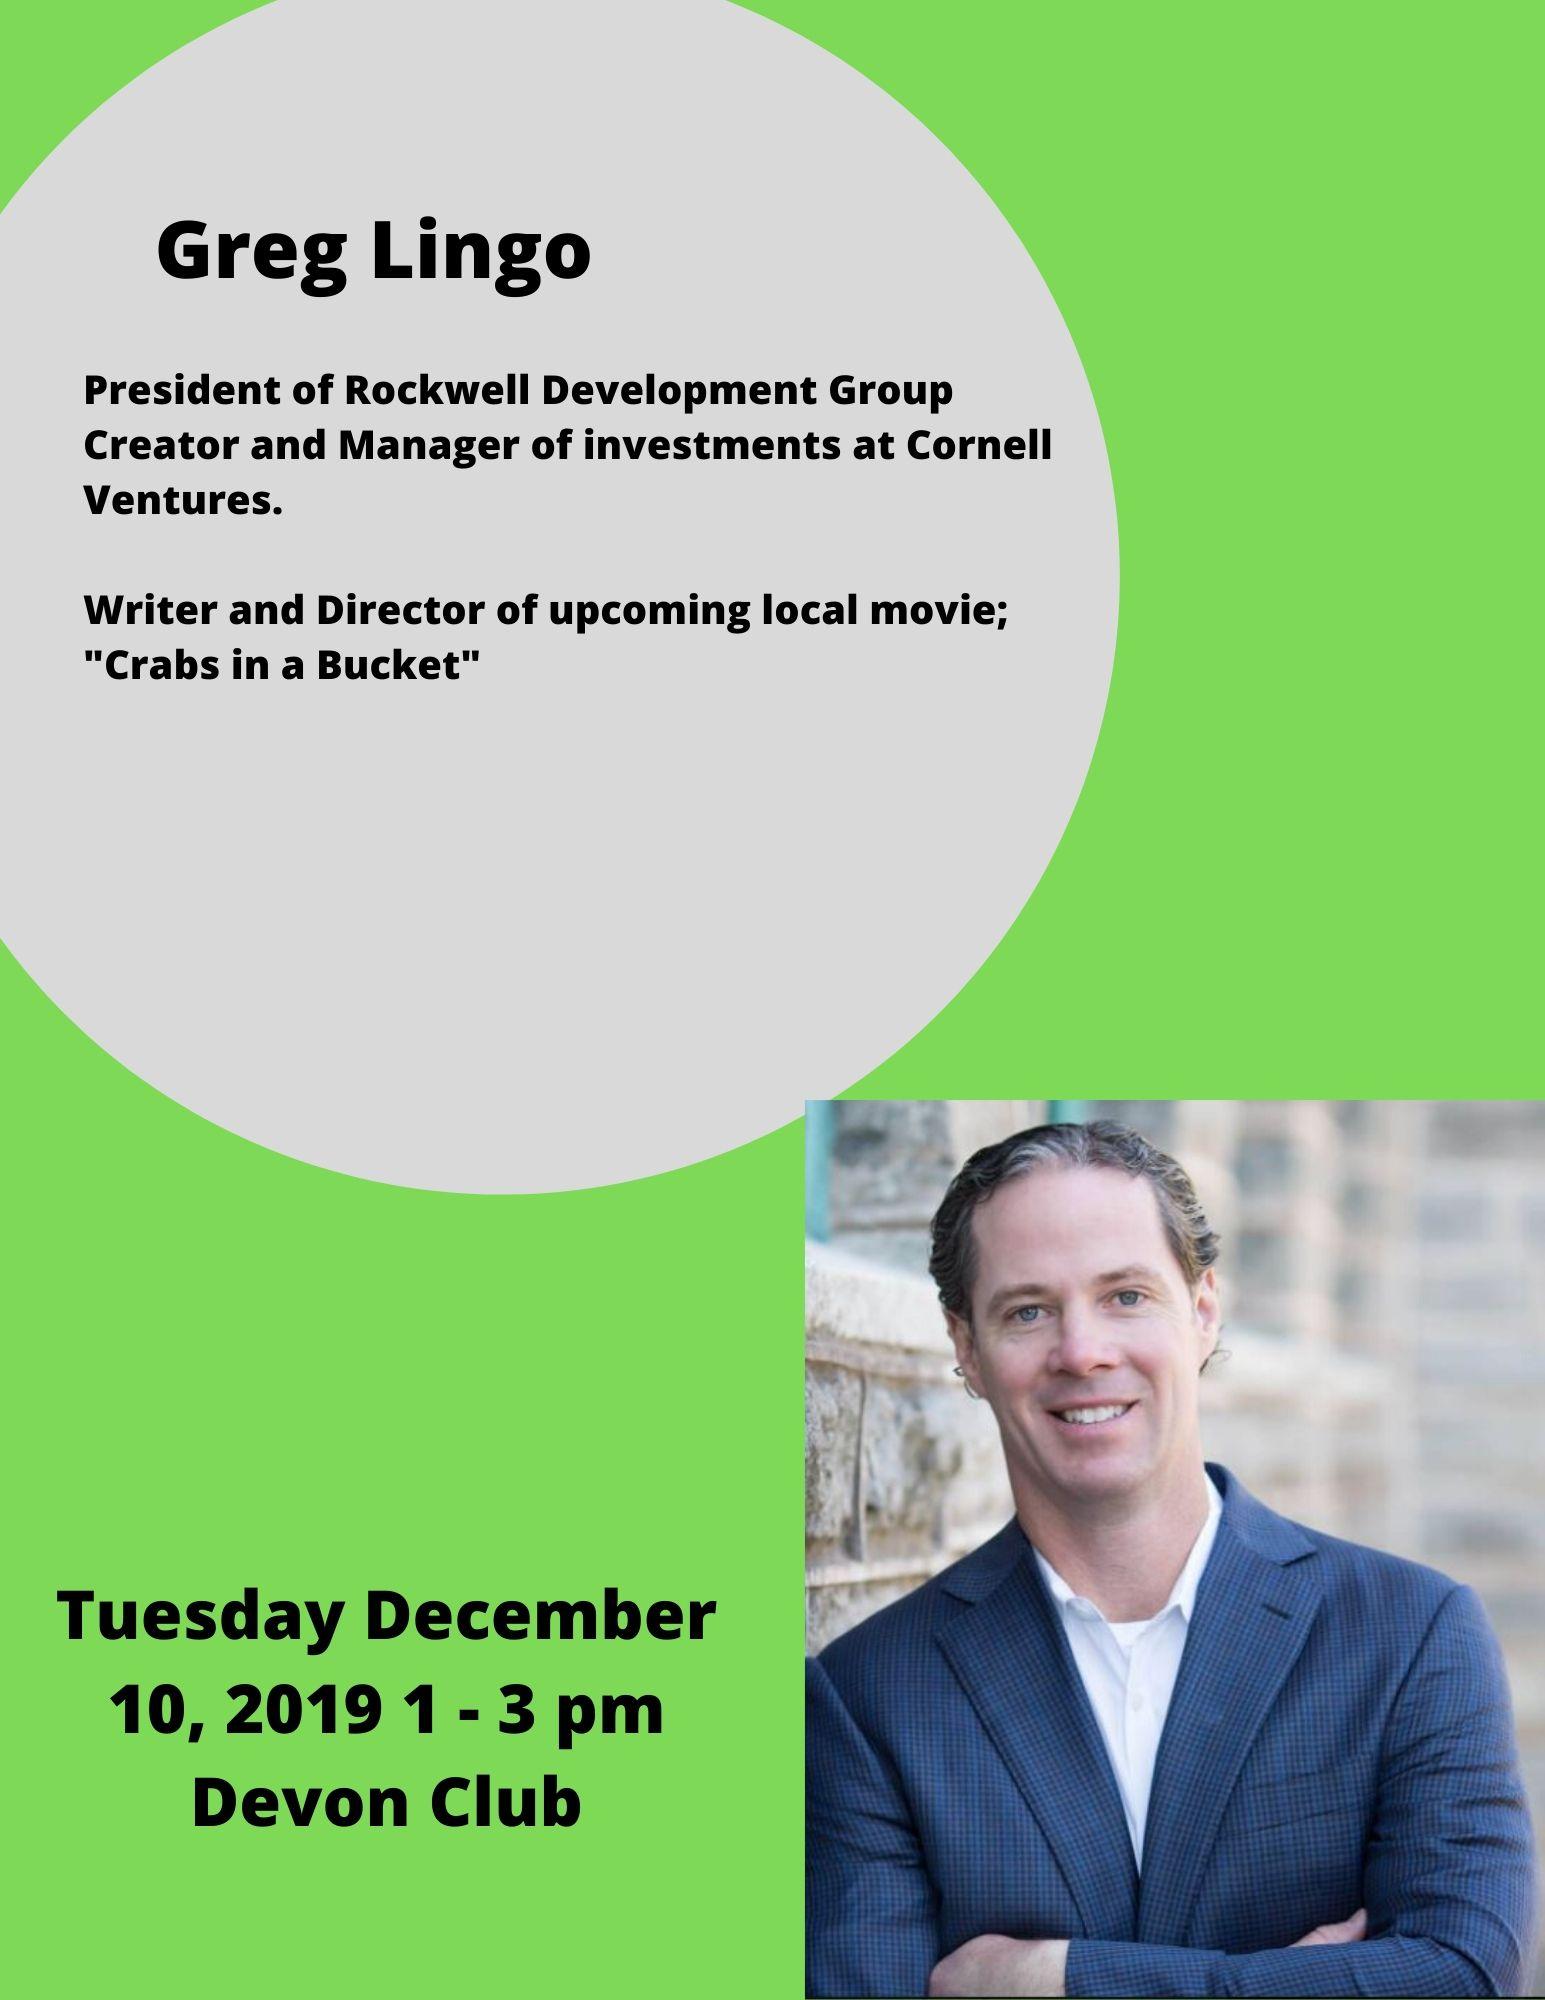 Greg Lingo